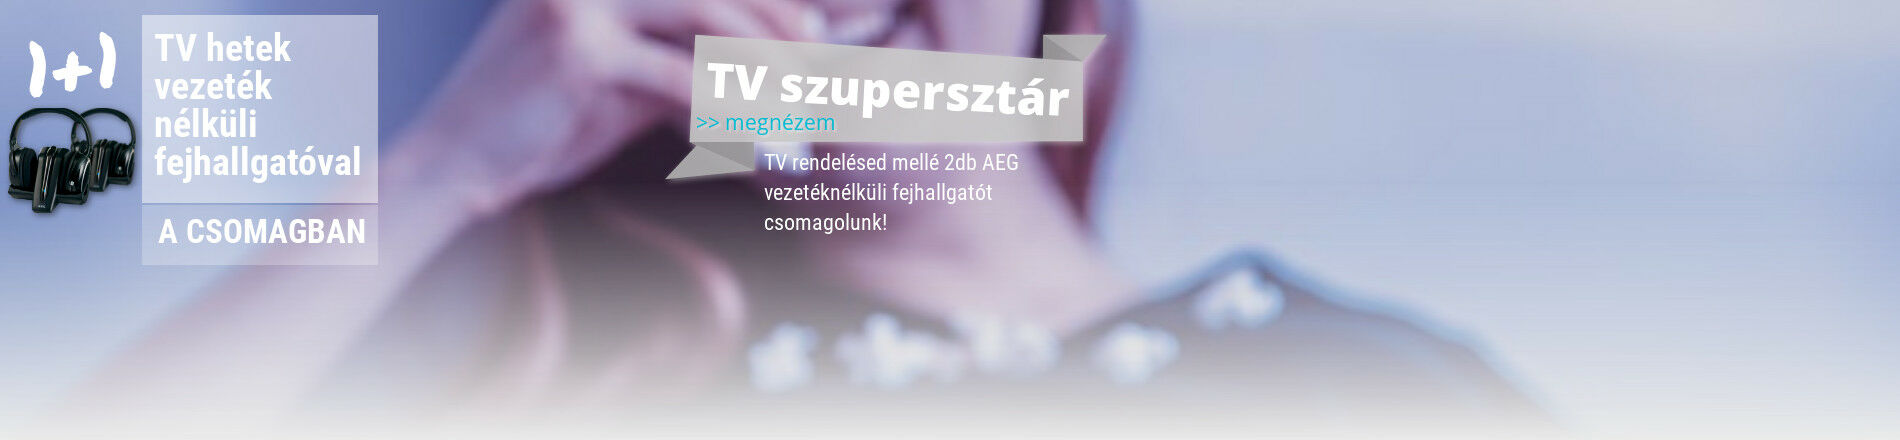 TV mellé AEG fejhallgató